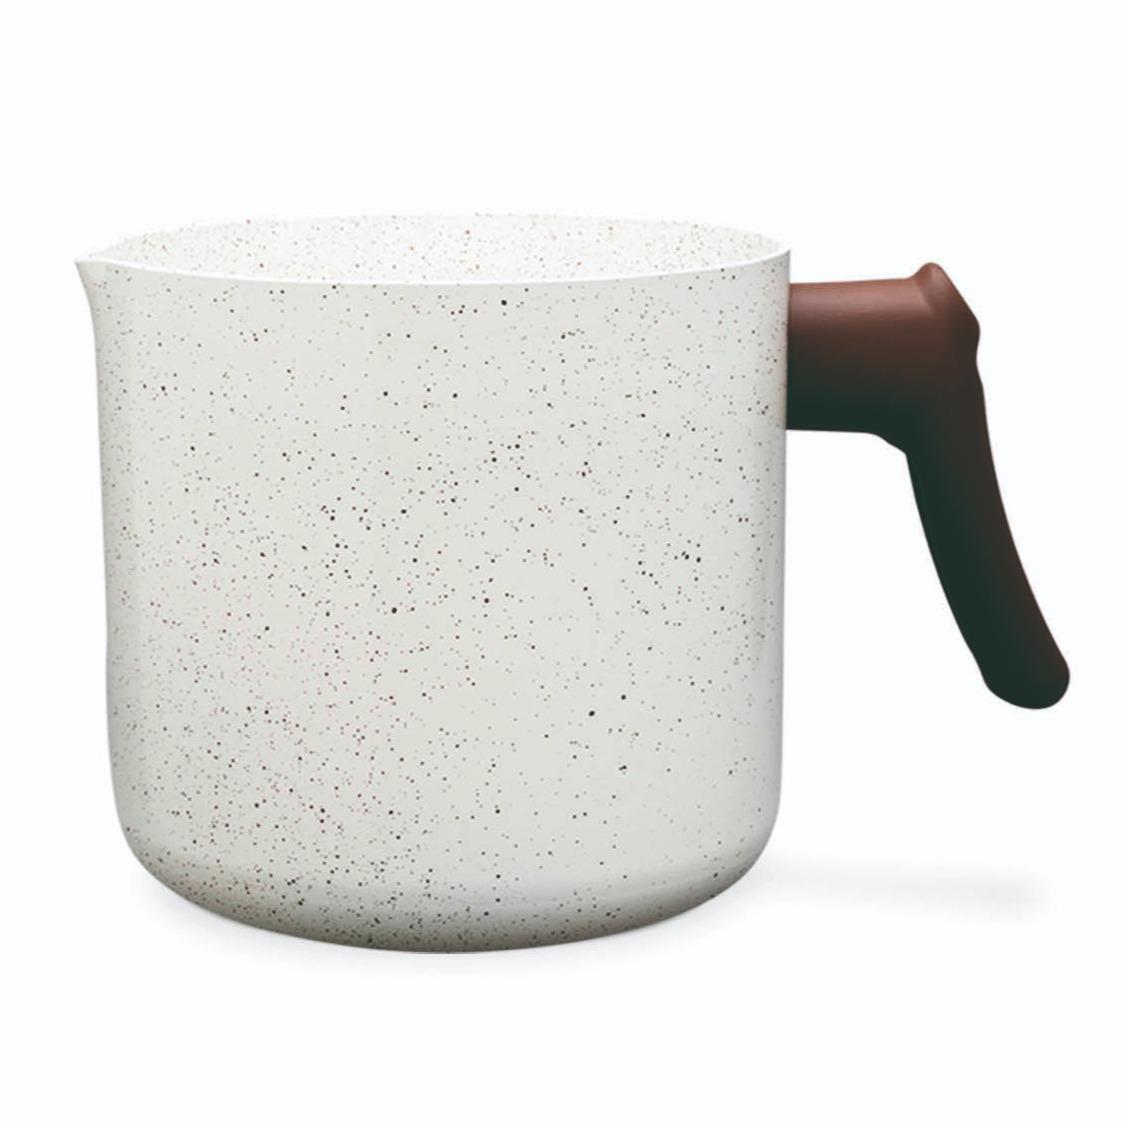 Fervedor de Aluminio Ceramico 2L Vanilla - Brinox